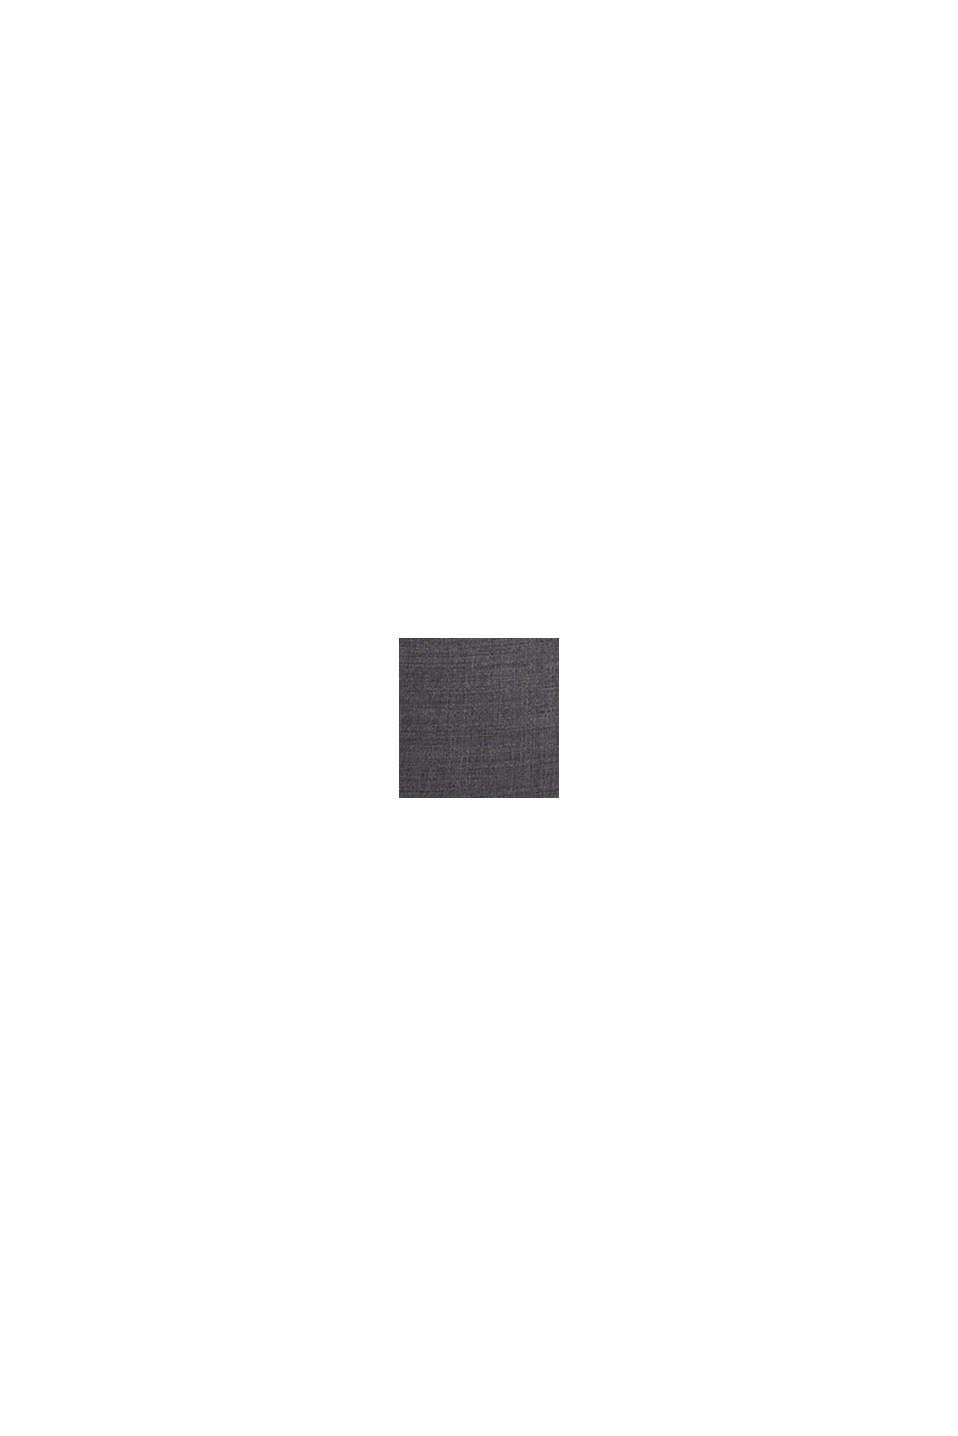 ACTIVE SUIT Sakko aus Woll-Mix, DARK GREY, swatch